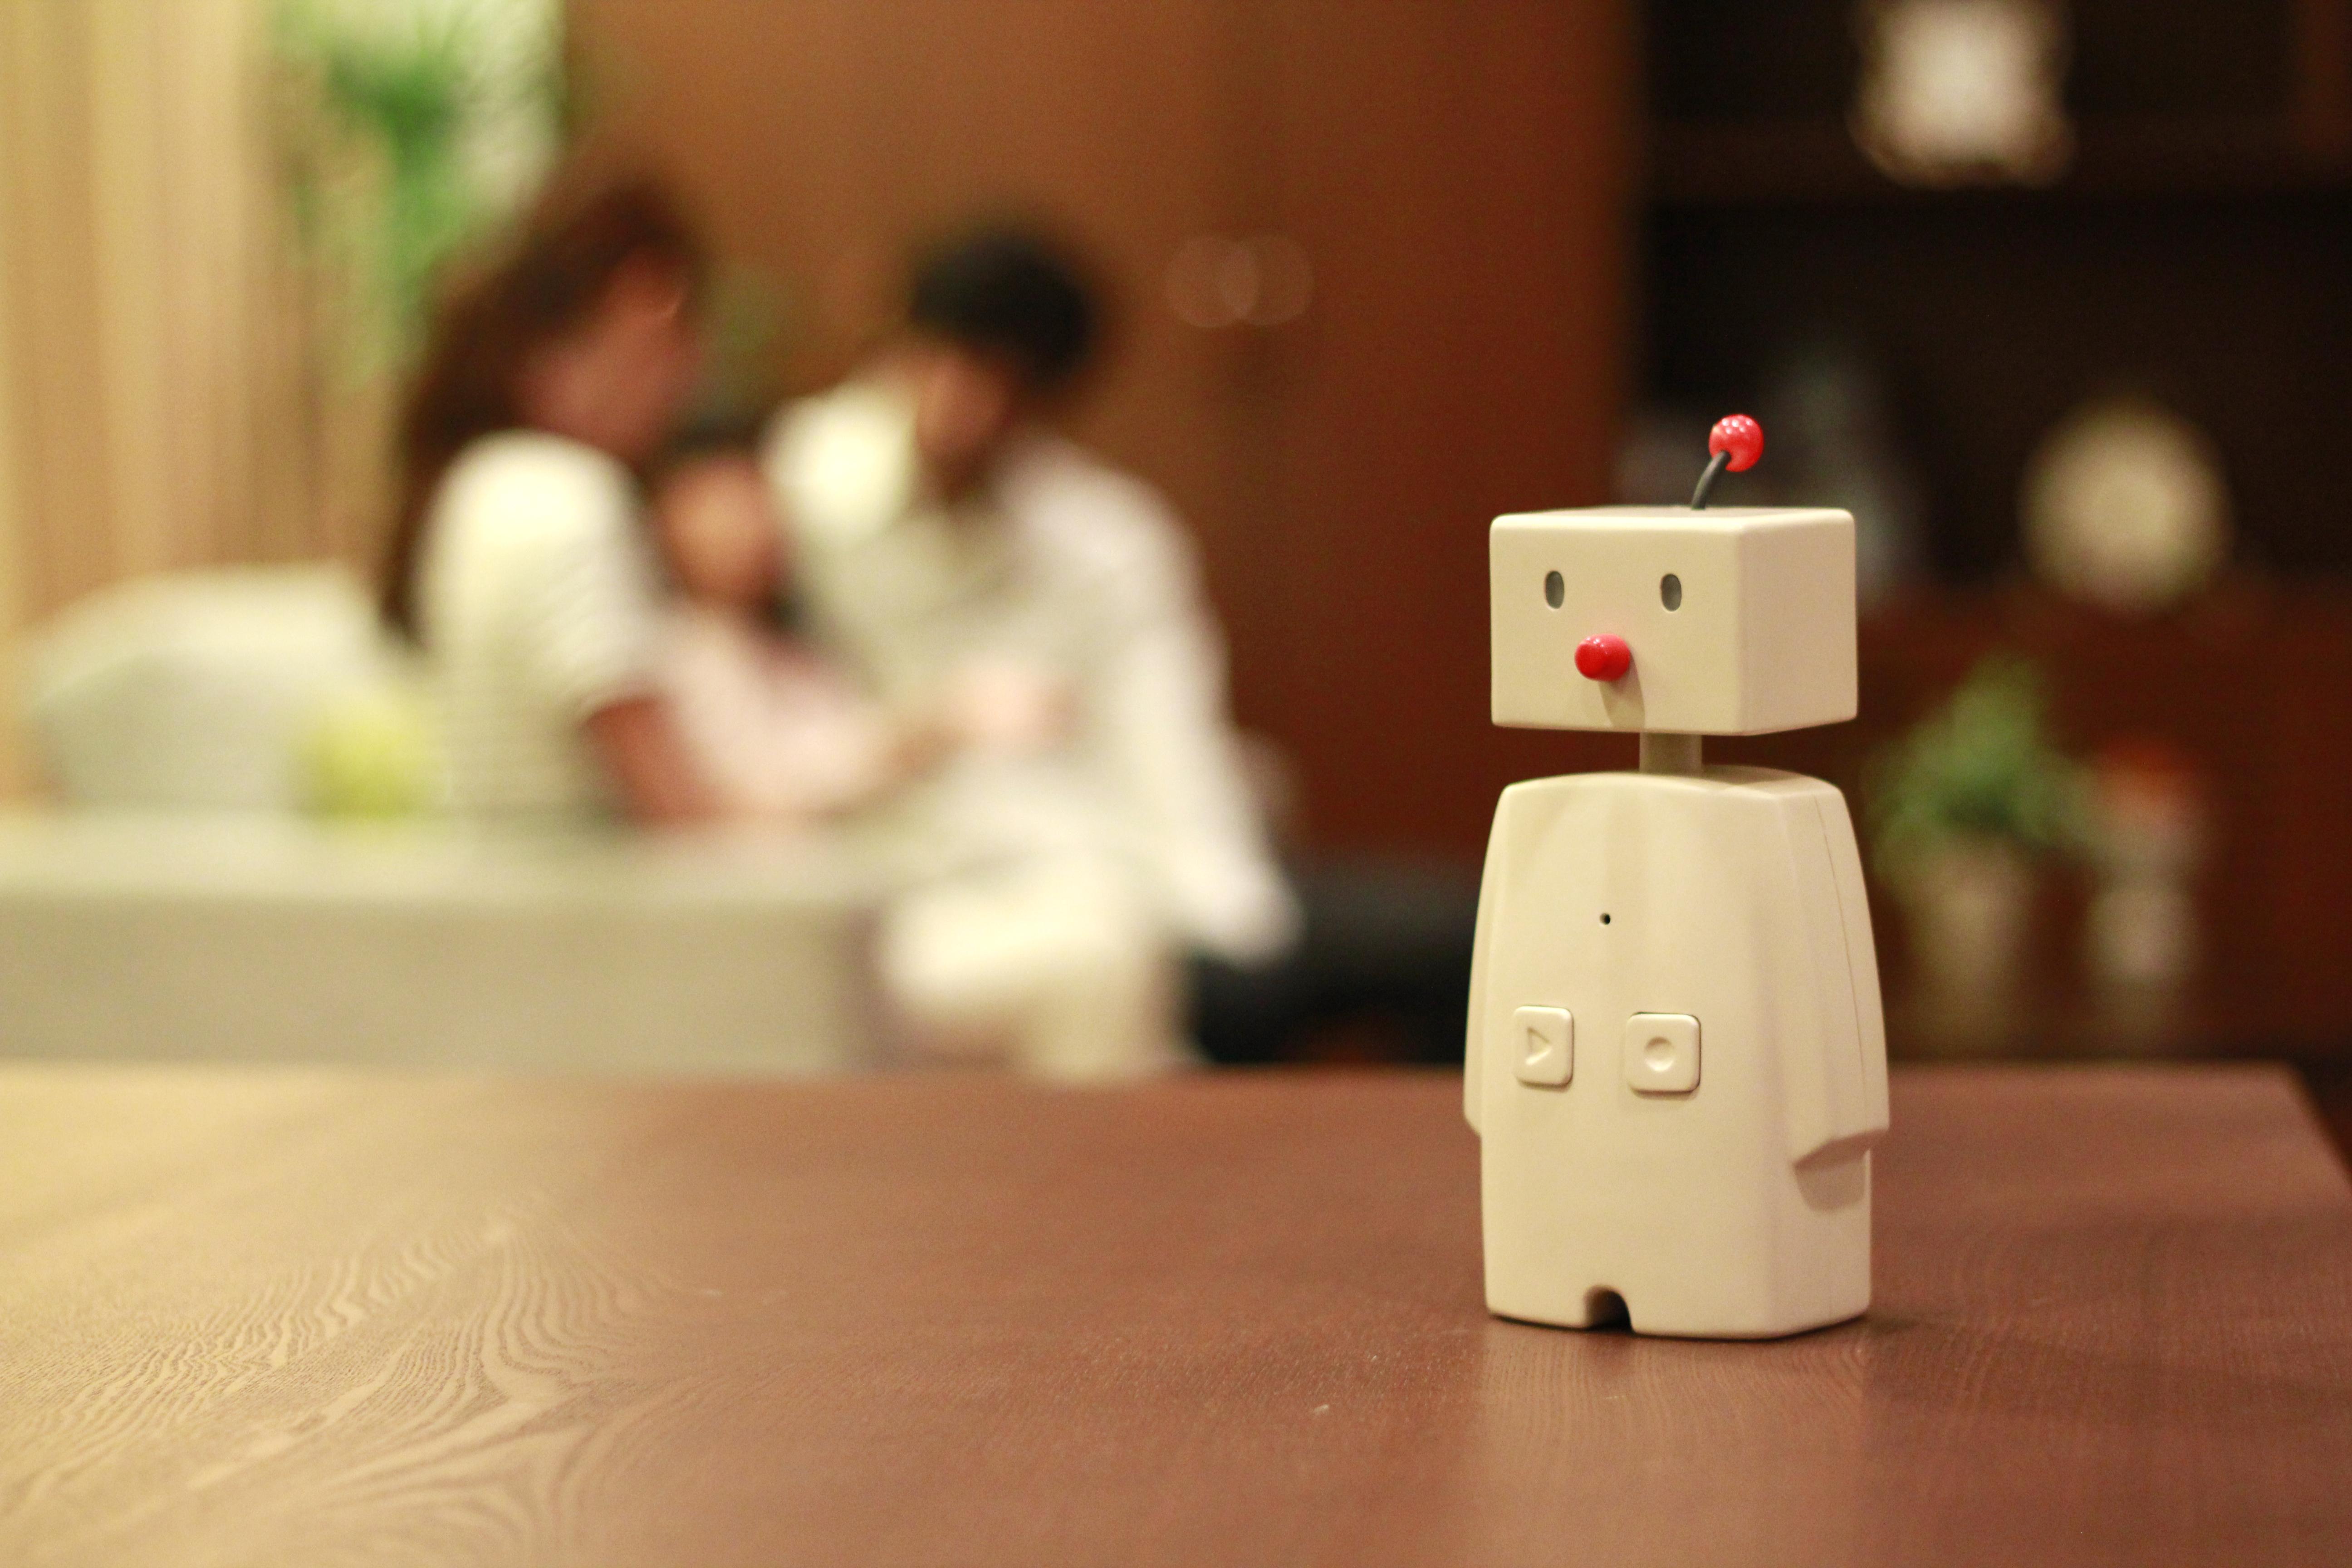 Bocco,a small desktop robot